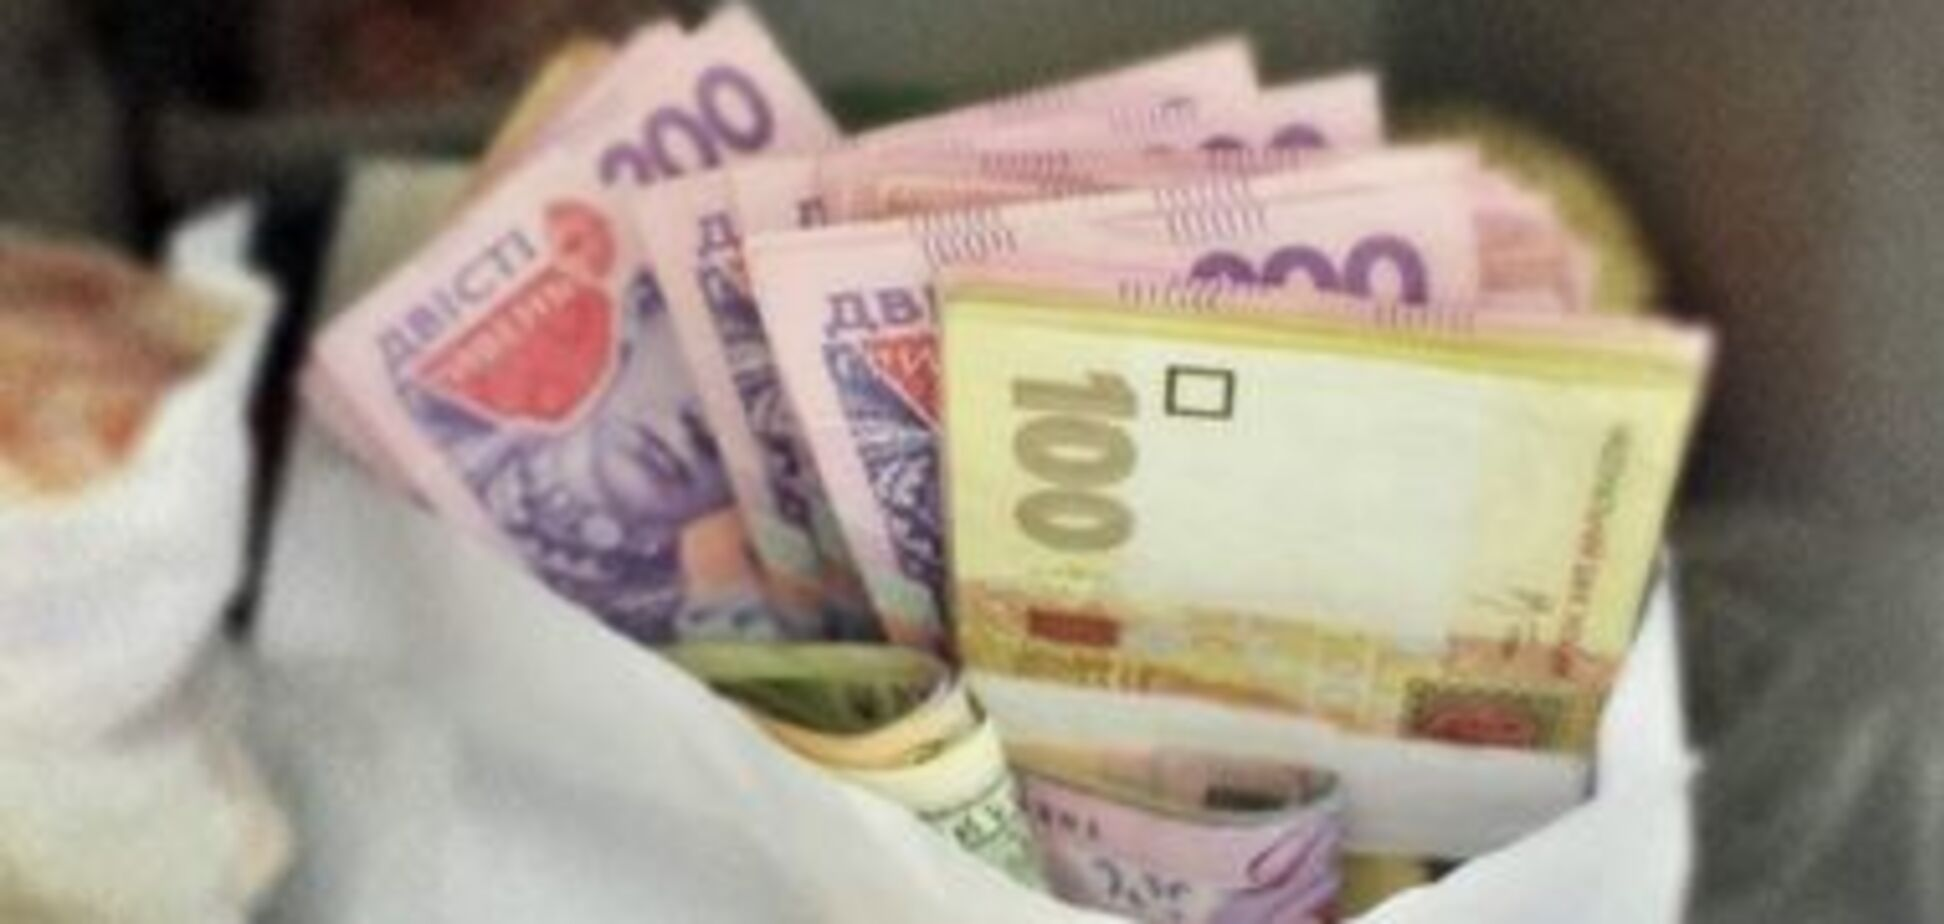 ''Ніхто не замислюється'': юрист зруйнував міф про вигоду зарплат у конвертах